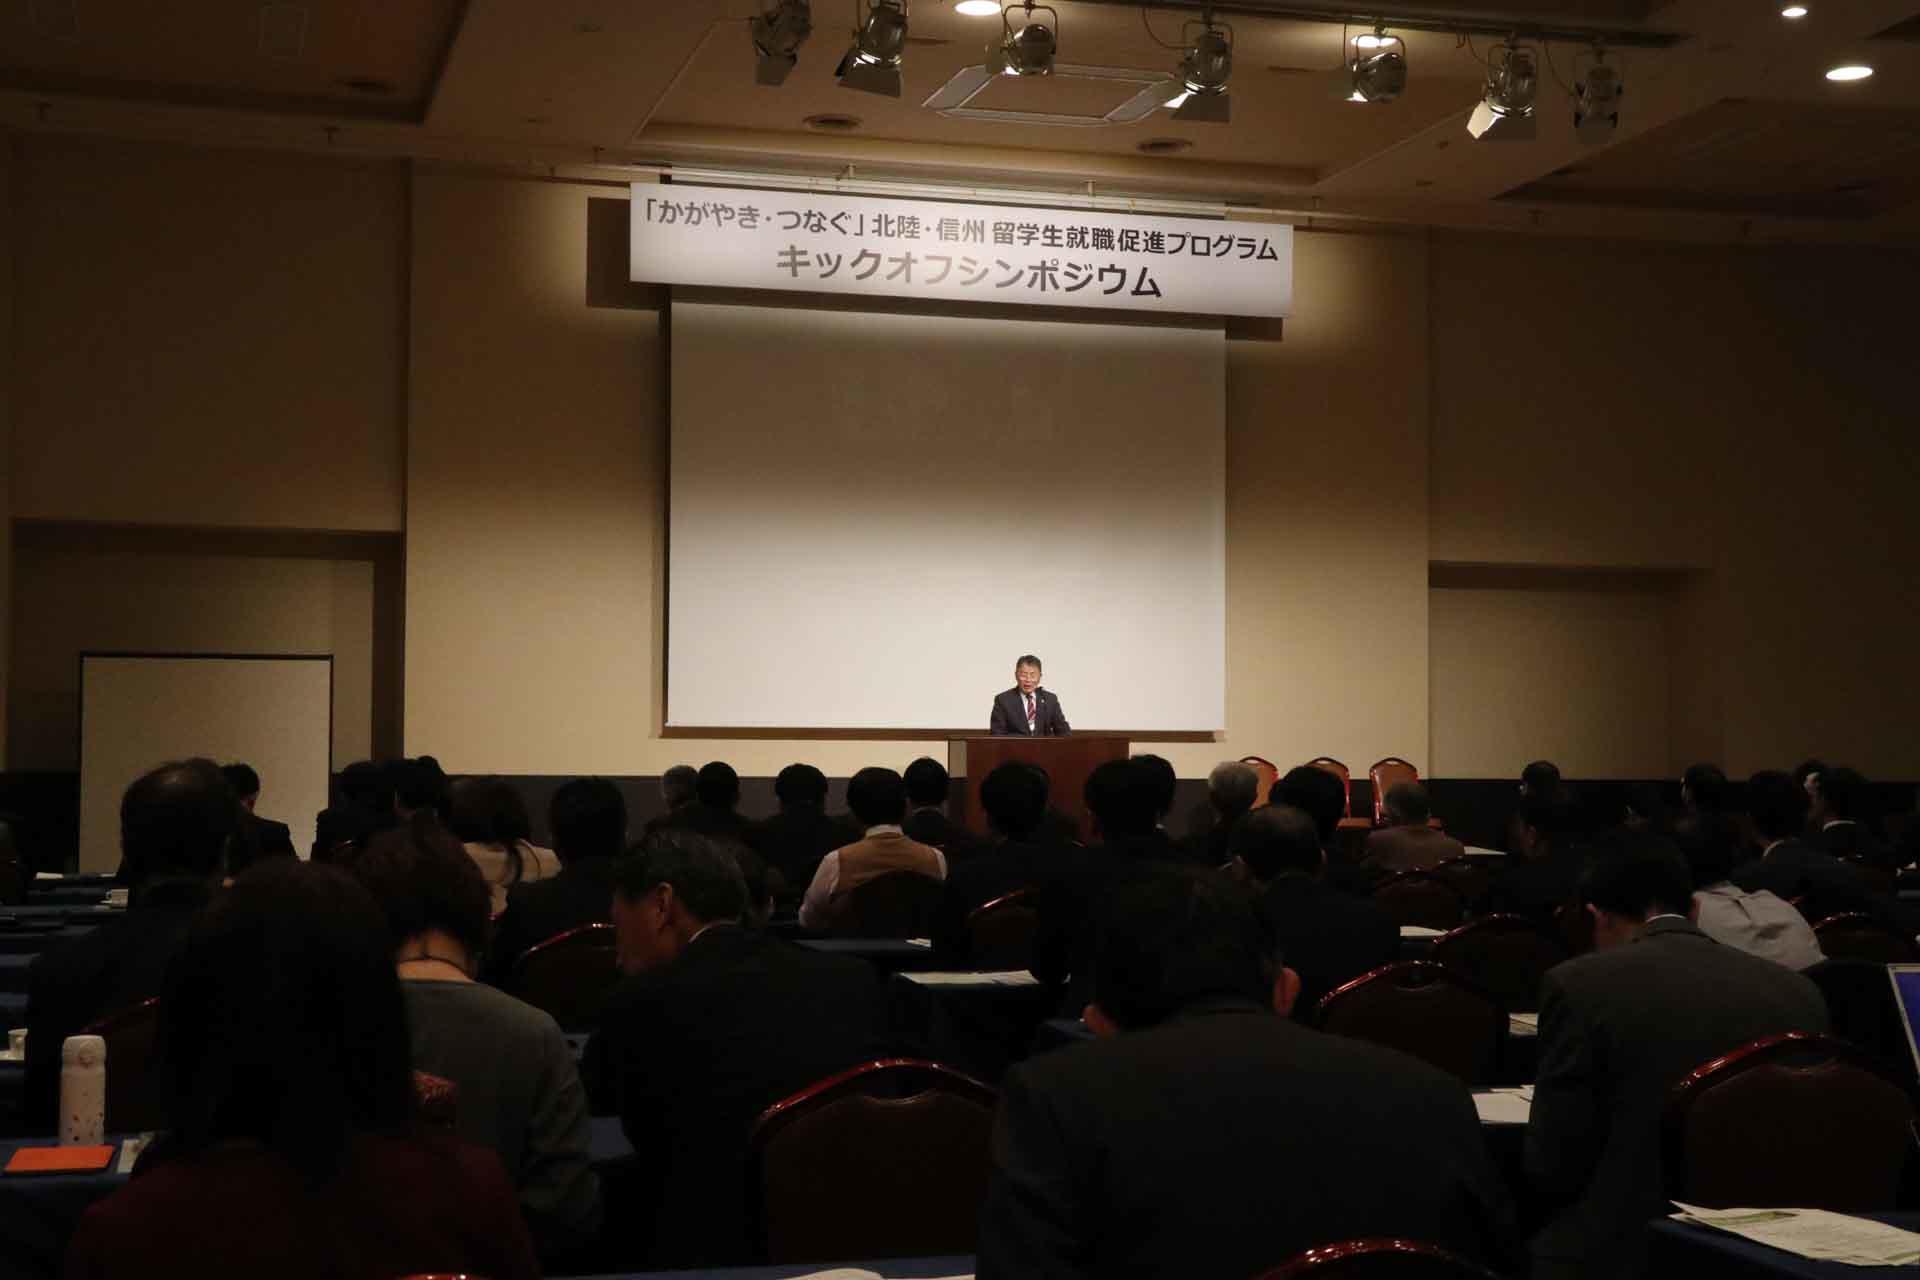 金沢大学が信州大学と共同で「『かがやき・つなぐ』北陸・信州留学生就職促進プログラム」キックオフシンポジウムを開催